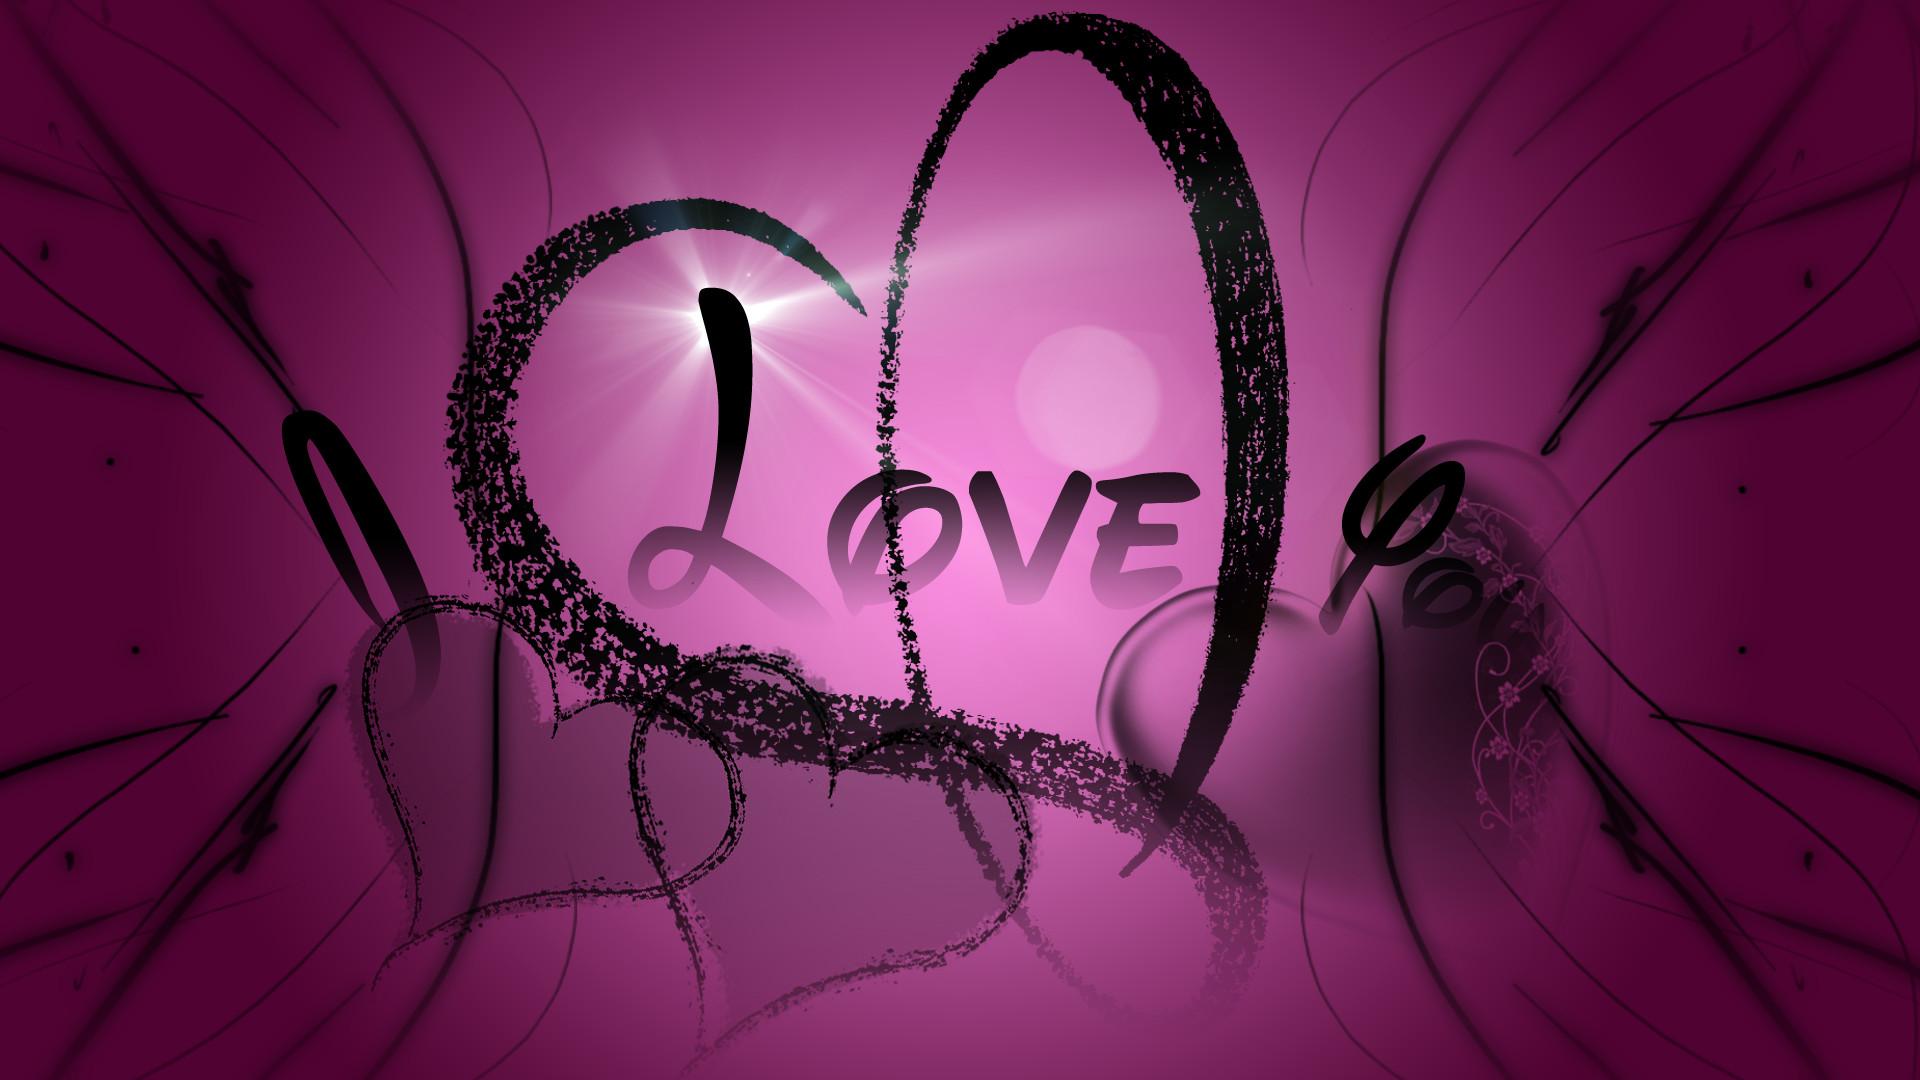 purple hearts for hope | Purple Hearts Wallpaper | wallpaper, wallpaper hd,  background desktop